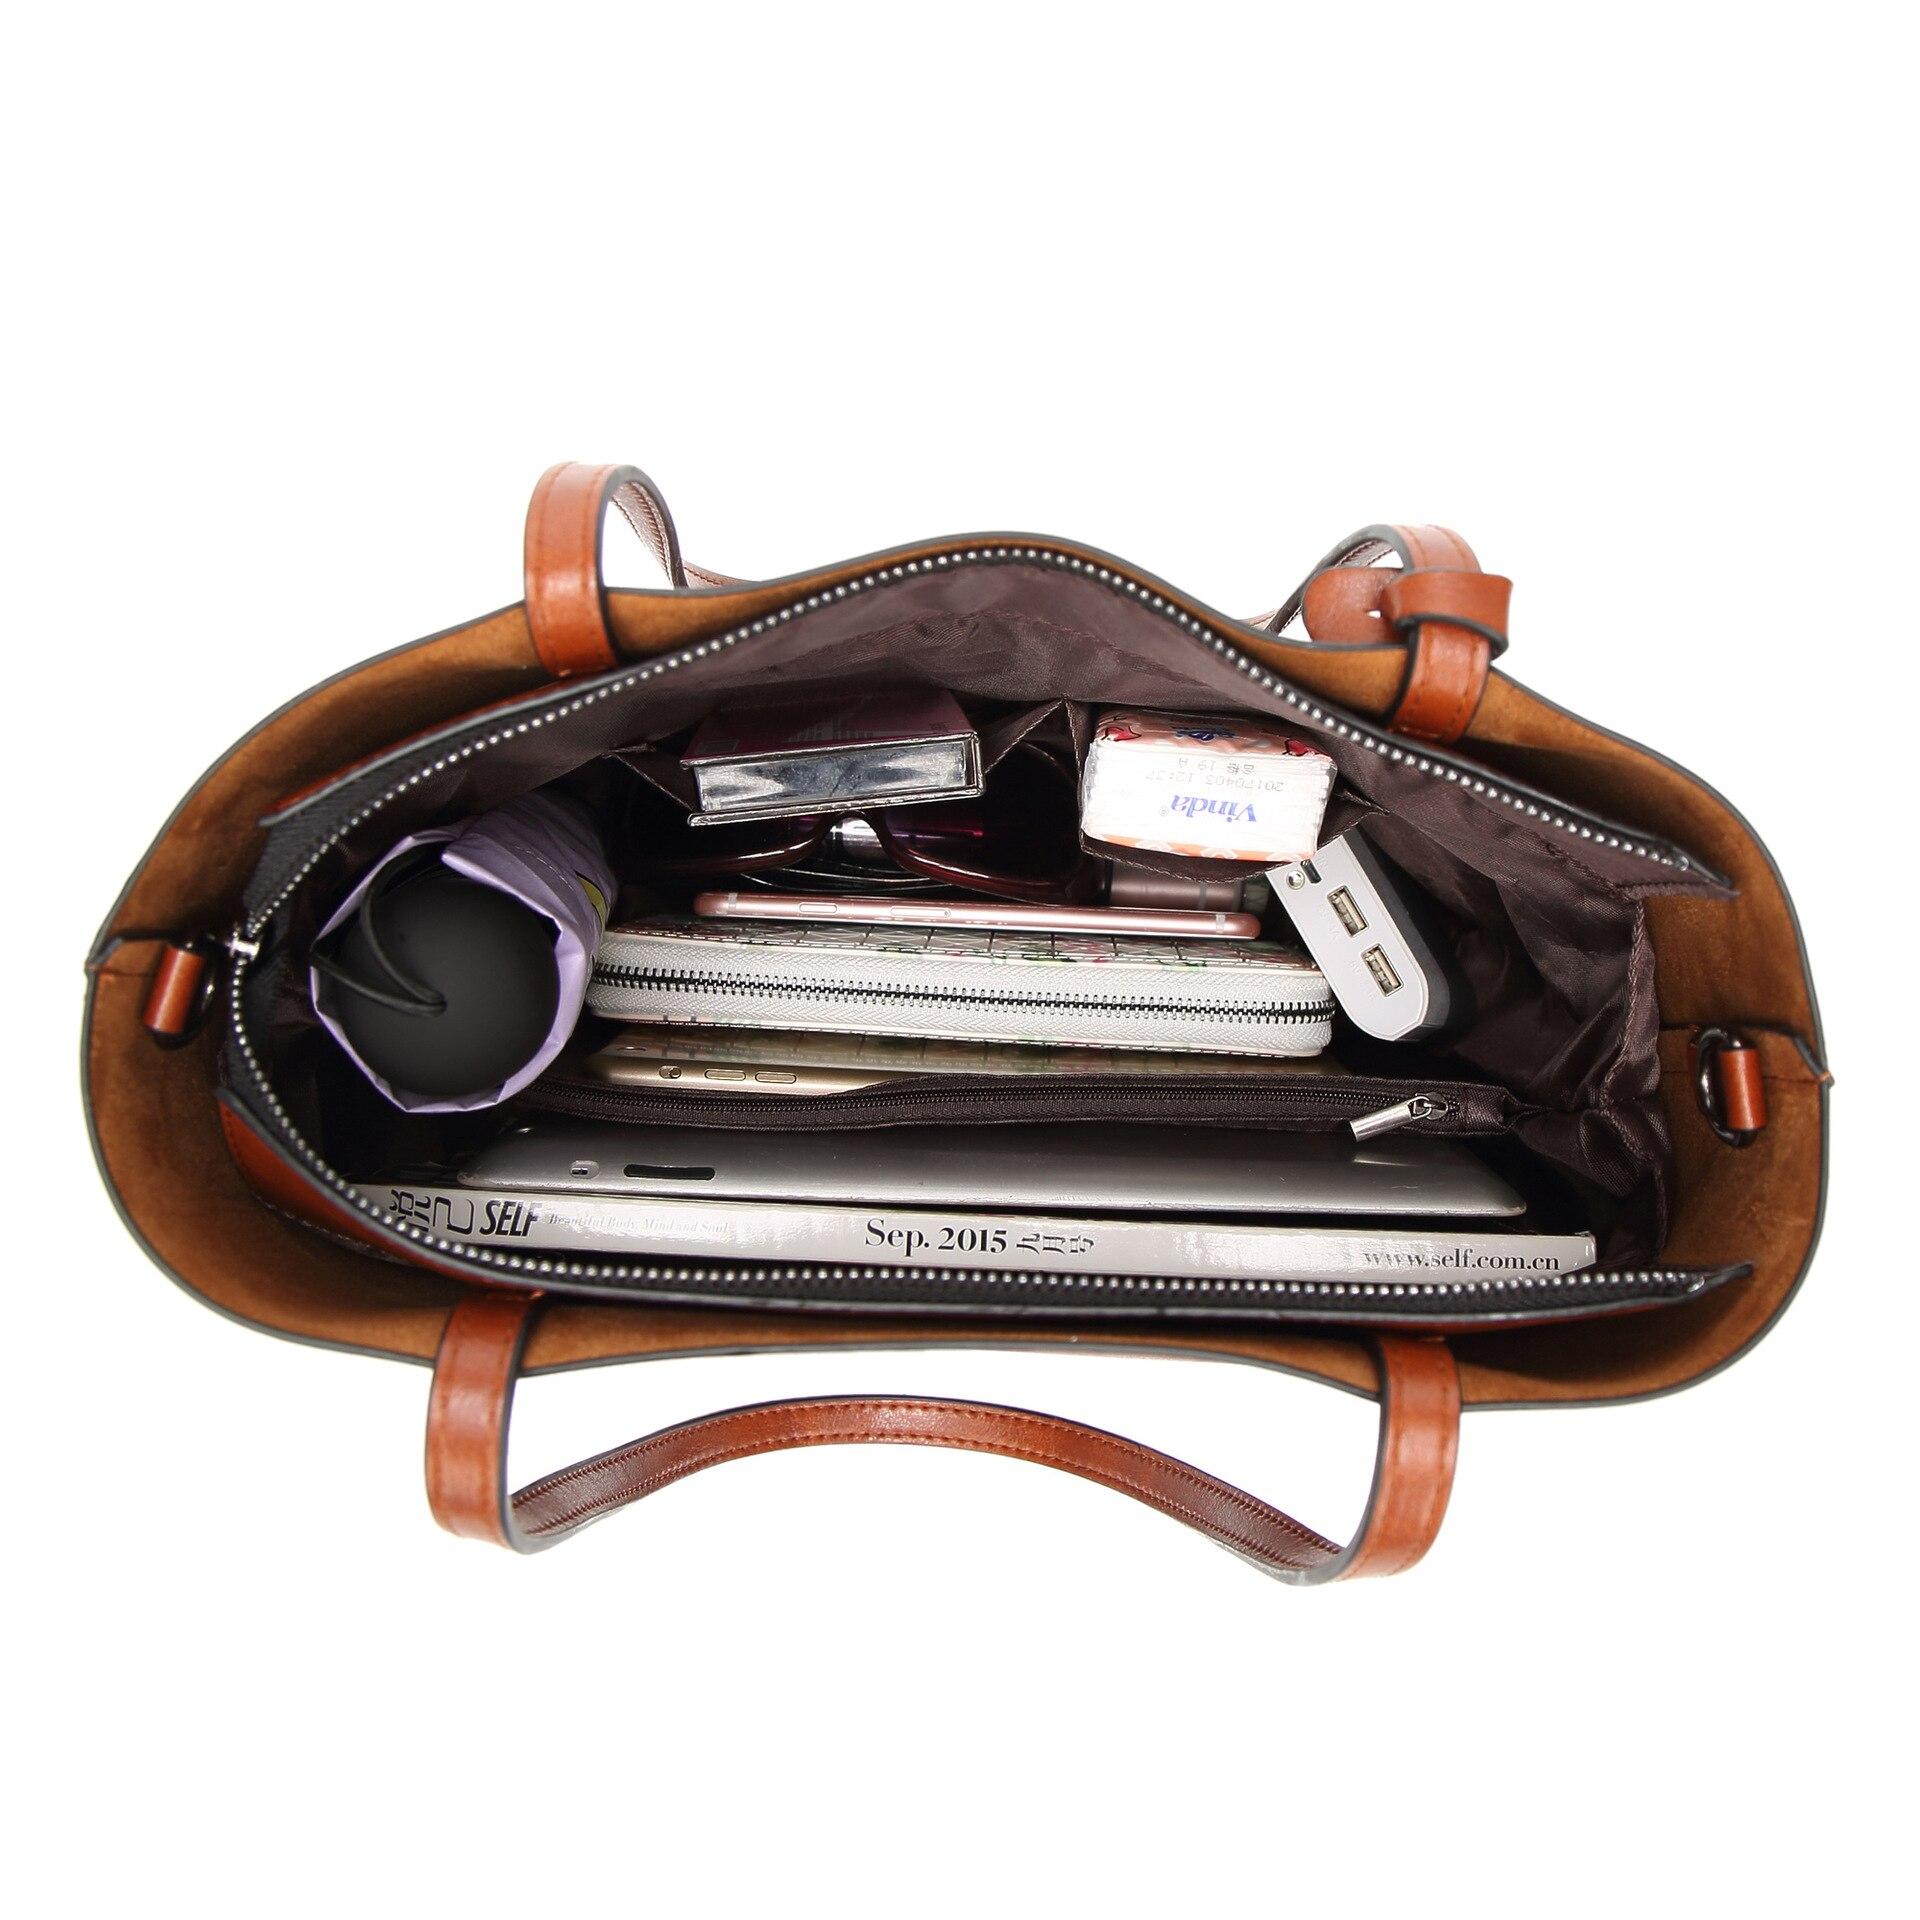 Image 5 - Высокое качество, хит продаж, женские повседневные сумки, масло, воск, кожа, женская сумка на плечо, дизайнерская женская винтажная сумка через плечо, большая C1079-in Сумки с ручками from Багаж и сумки